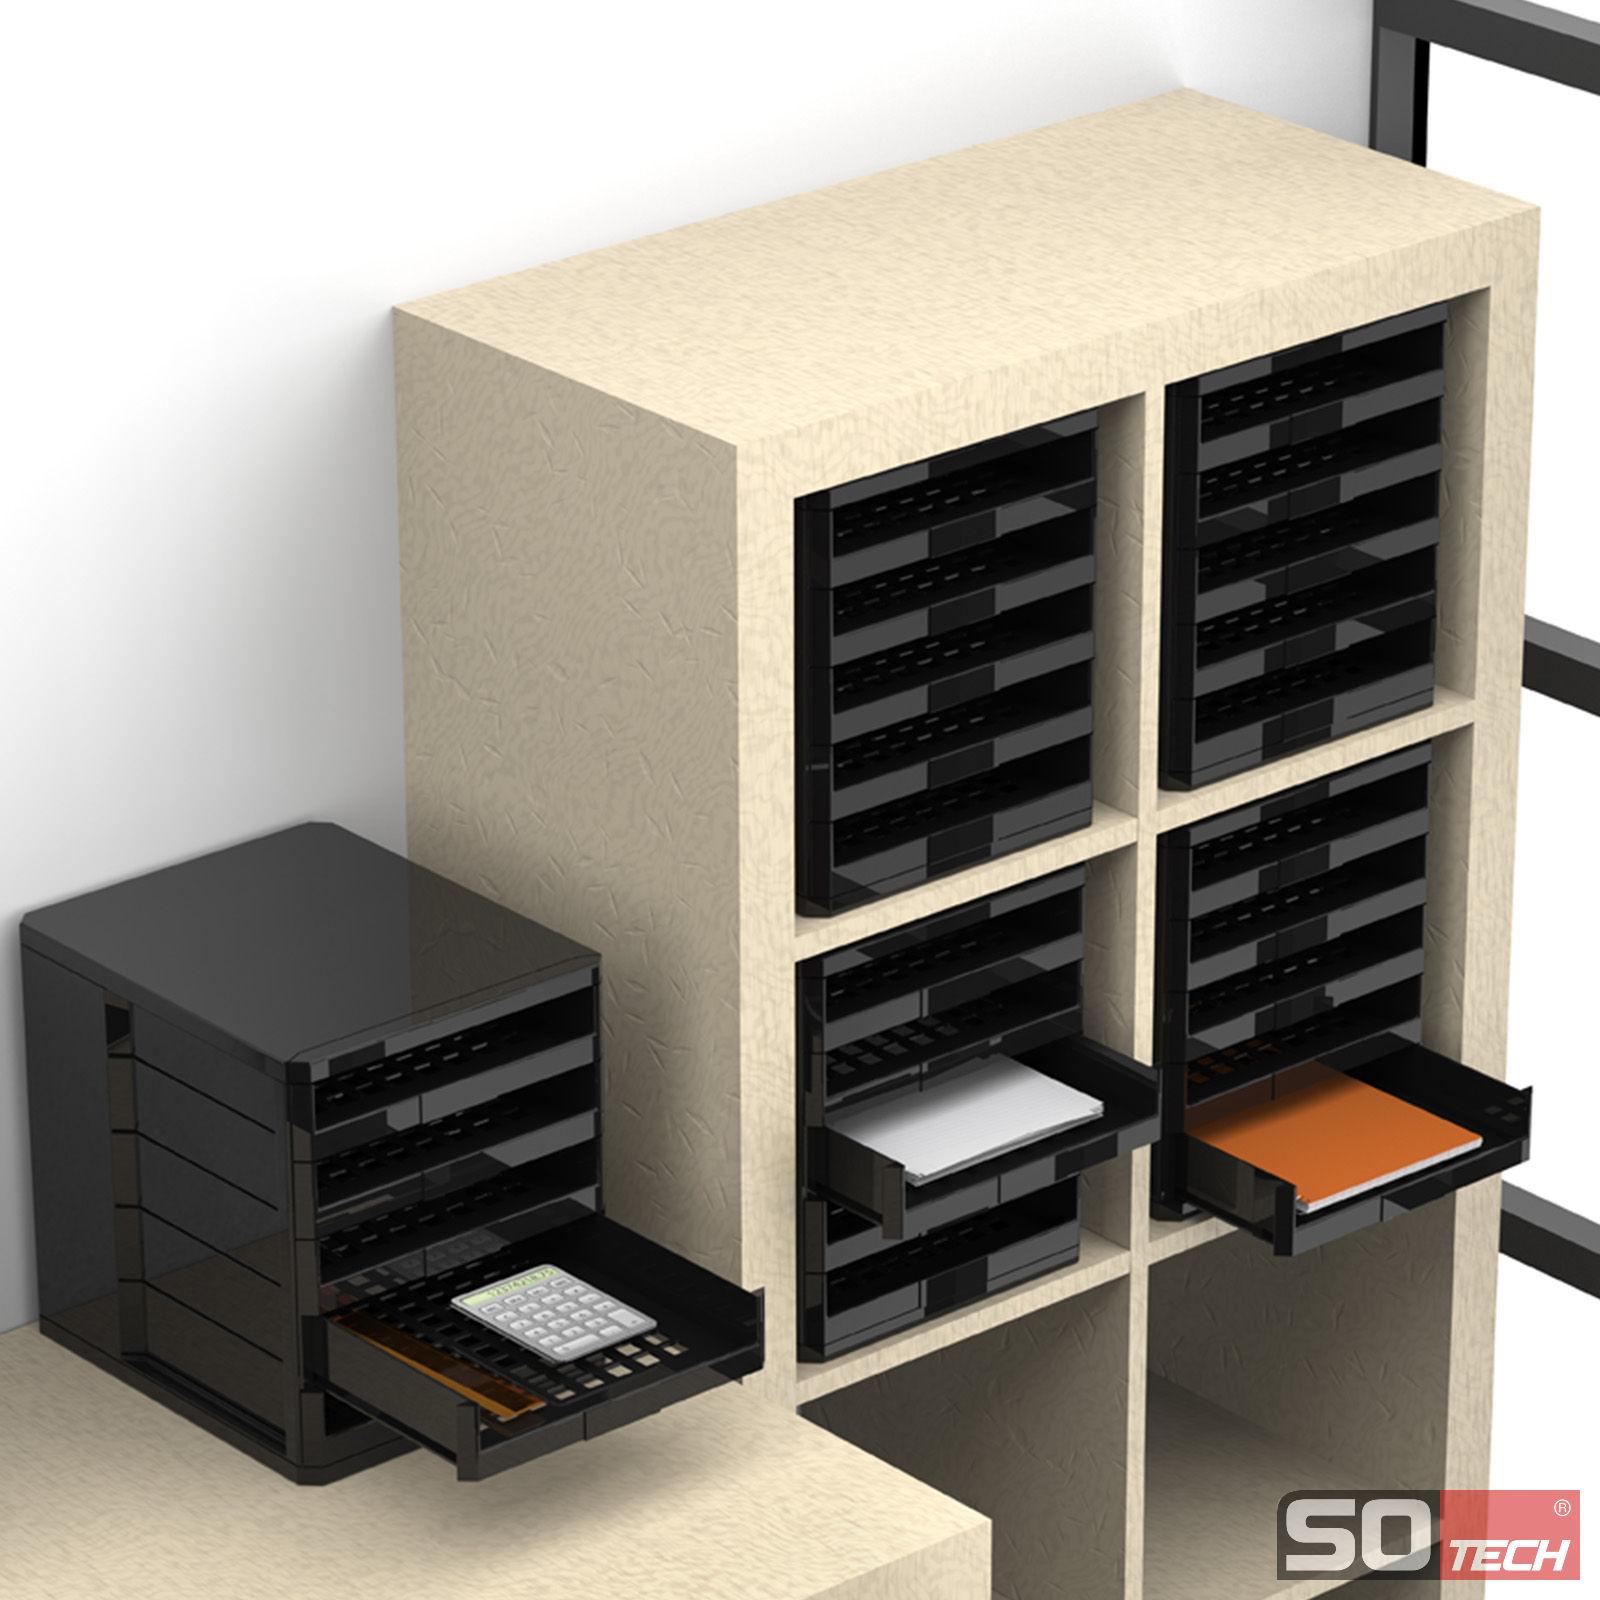 Sotech So Tech Ninka Buroablage Briefablage Schubladenbox Systembox